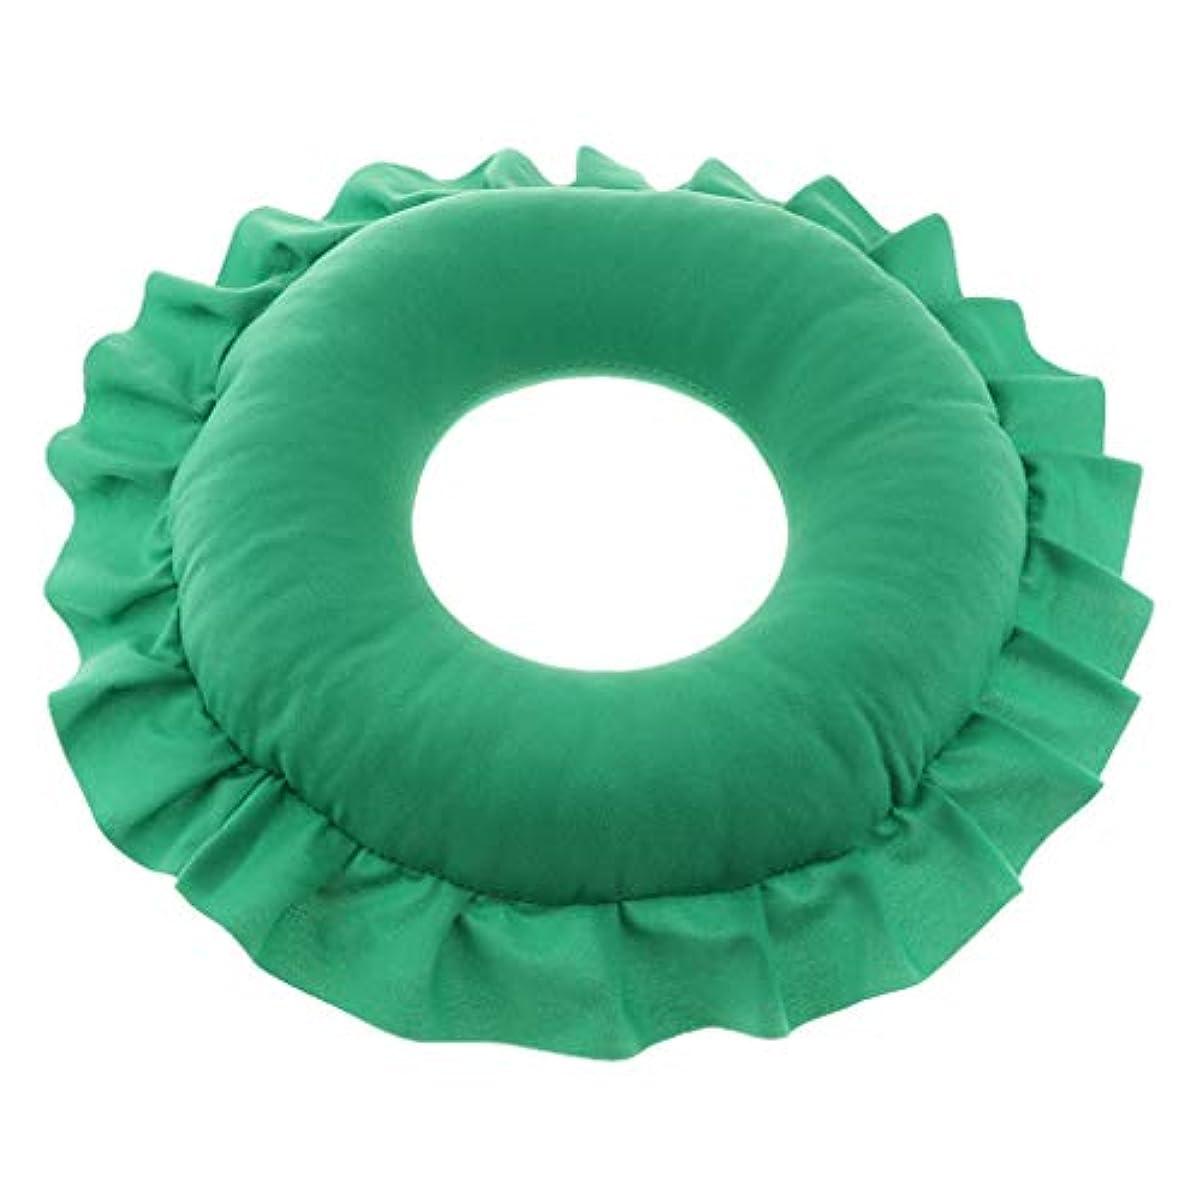 合唱団アナロジー情報D DOLITY マッサージ枕 顔枕 マッサージピロー 美容院 柔らかくて快適 取り外し可能 洗える 全4色 - 緑